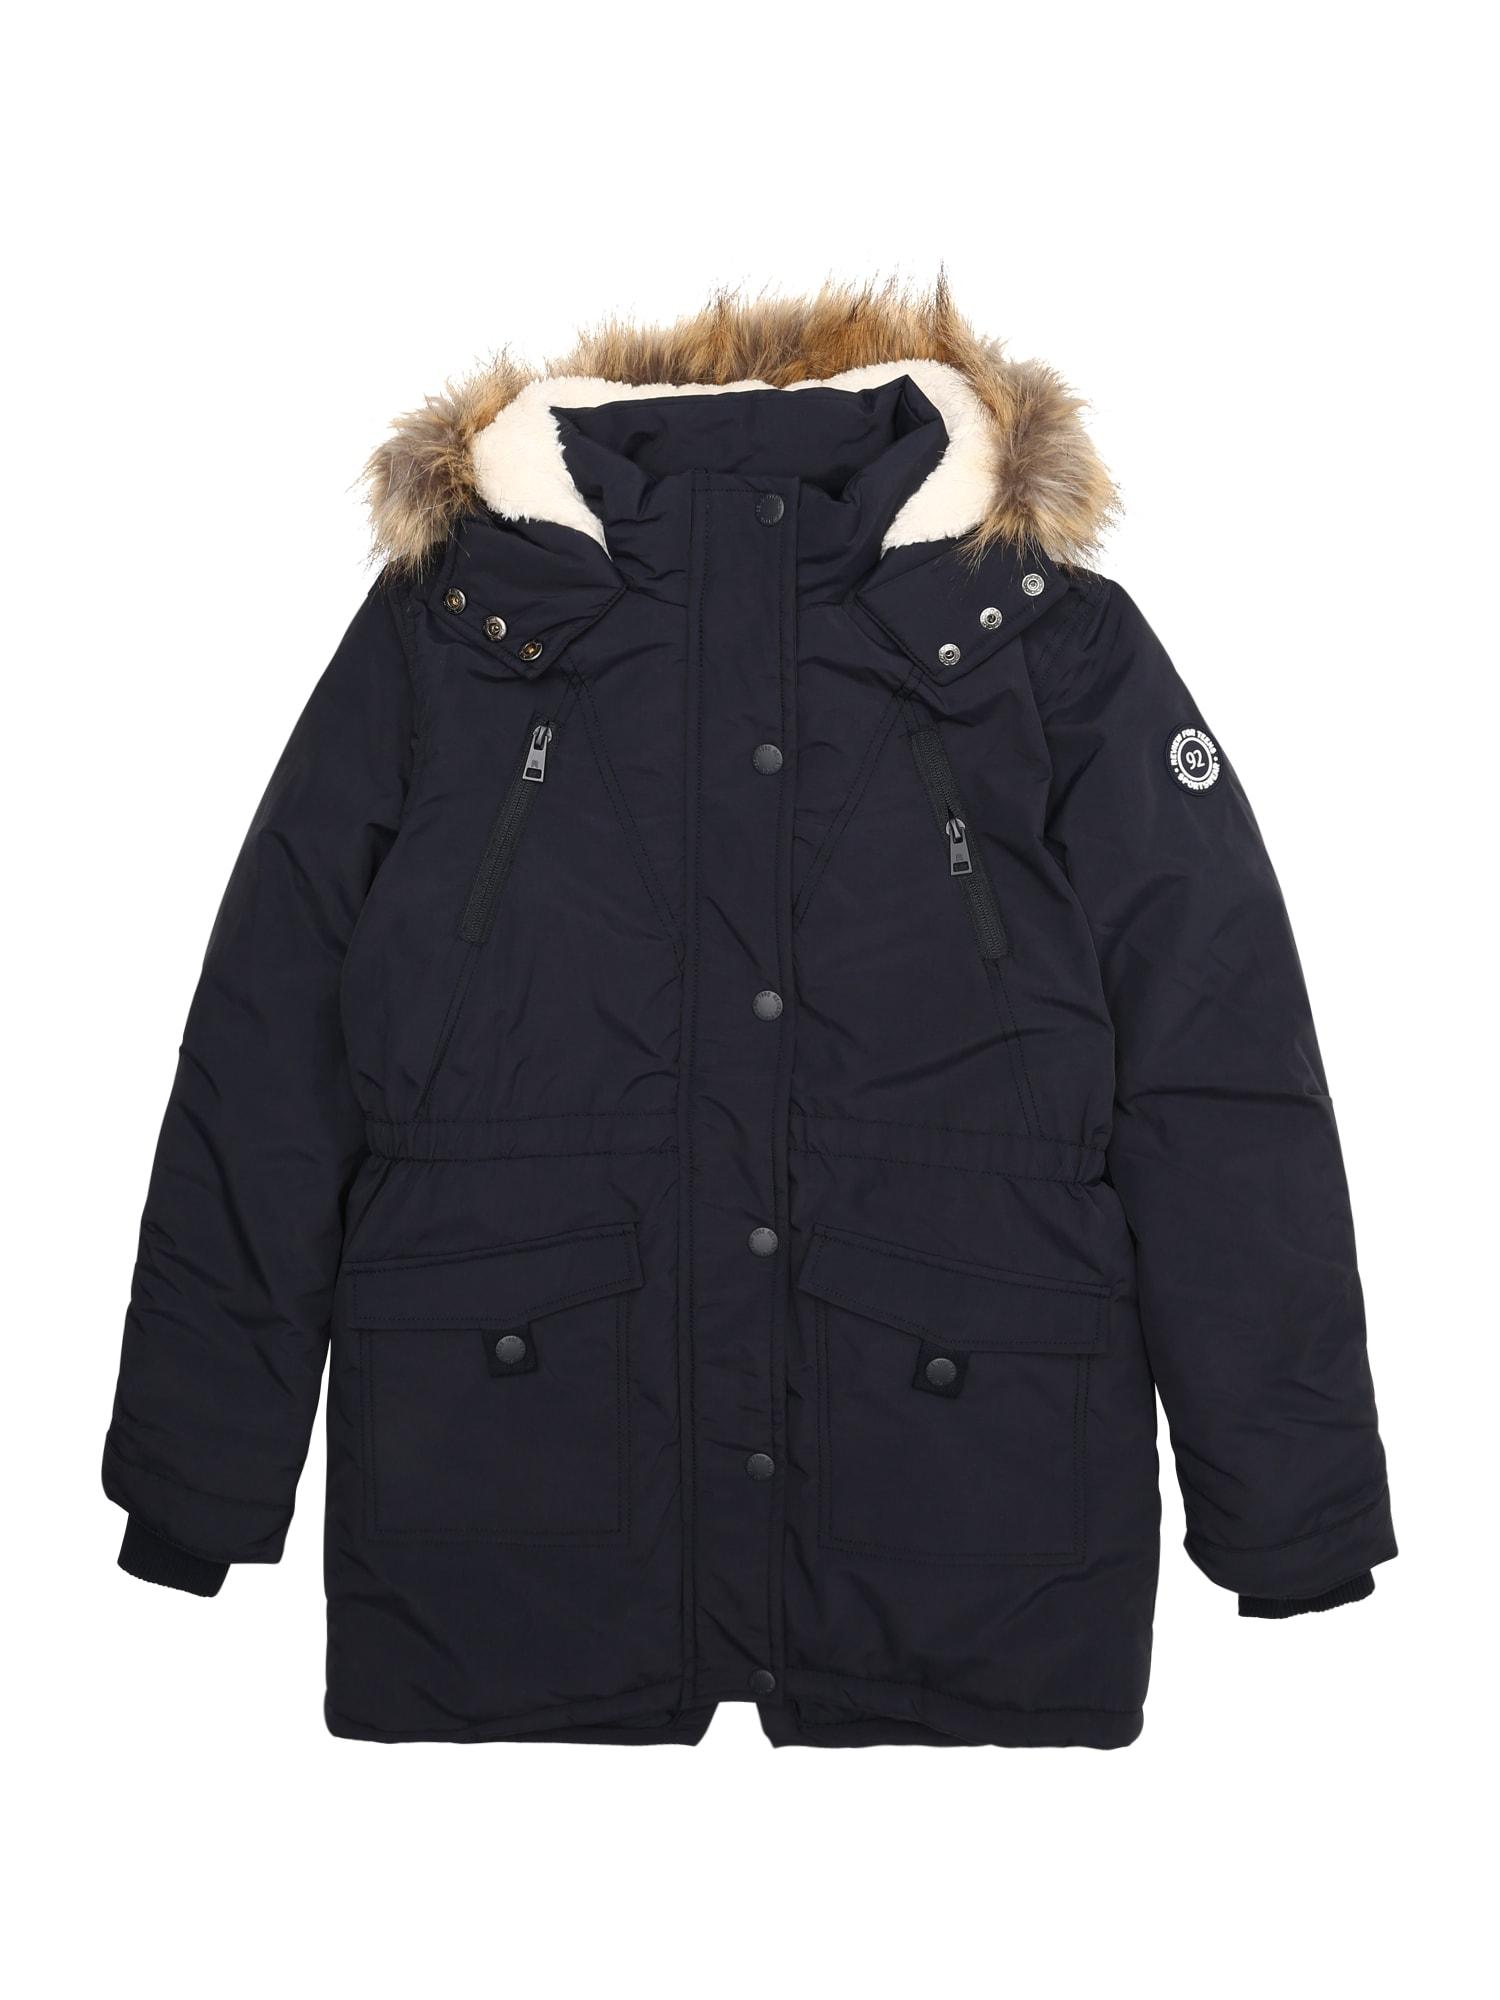 Zimní bunda TG-18-J900 námořnická modř REVIEW FOR TEENS